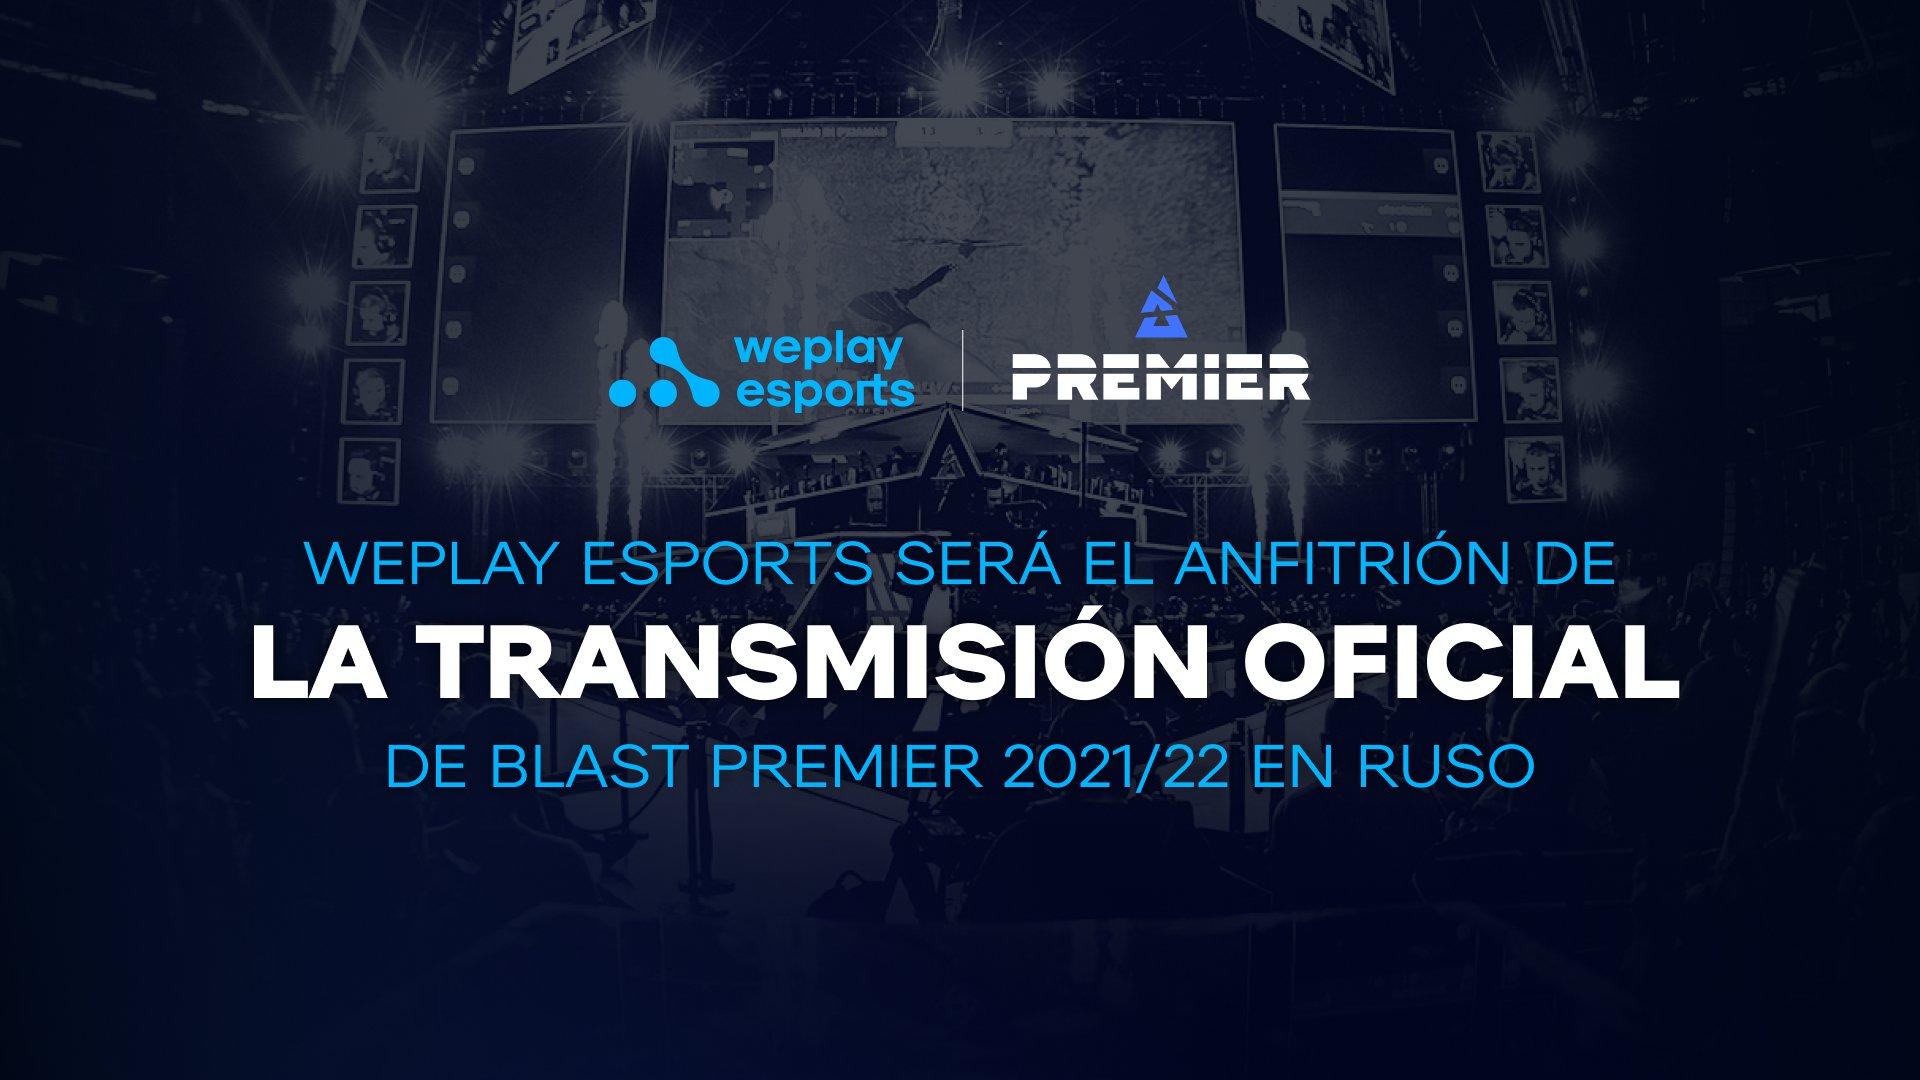 WePlay Esports será el anfitrión de la transmisión oficial de BLAST Premier 2021/22 en ruso. Imagen: WePlay Holding